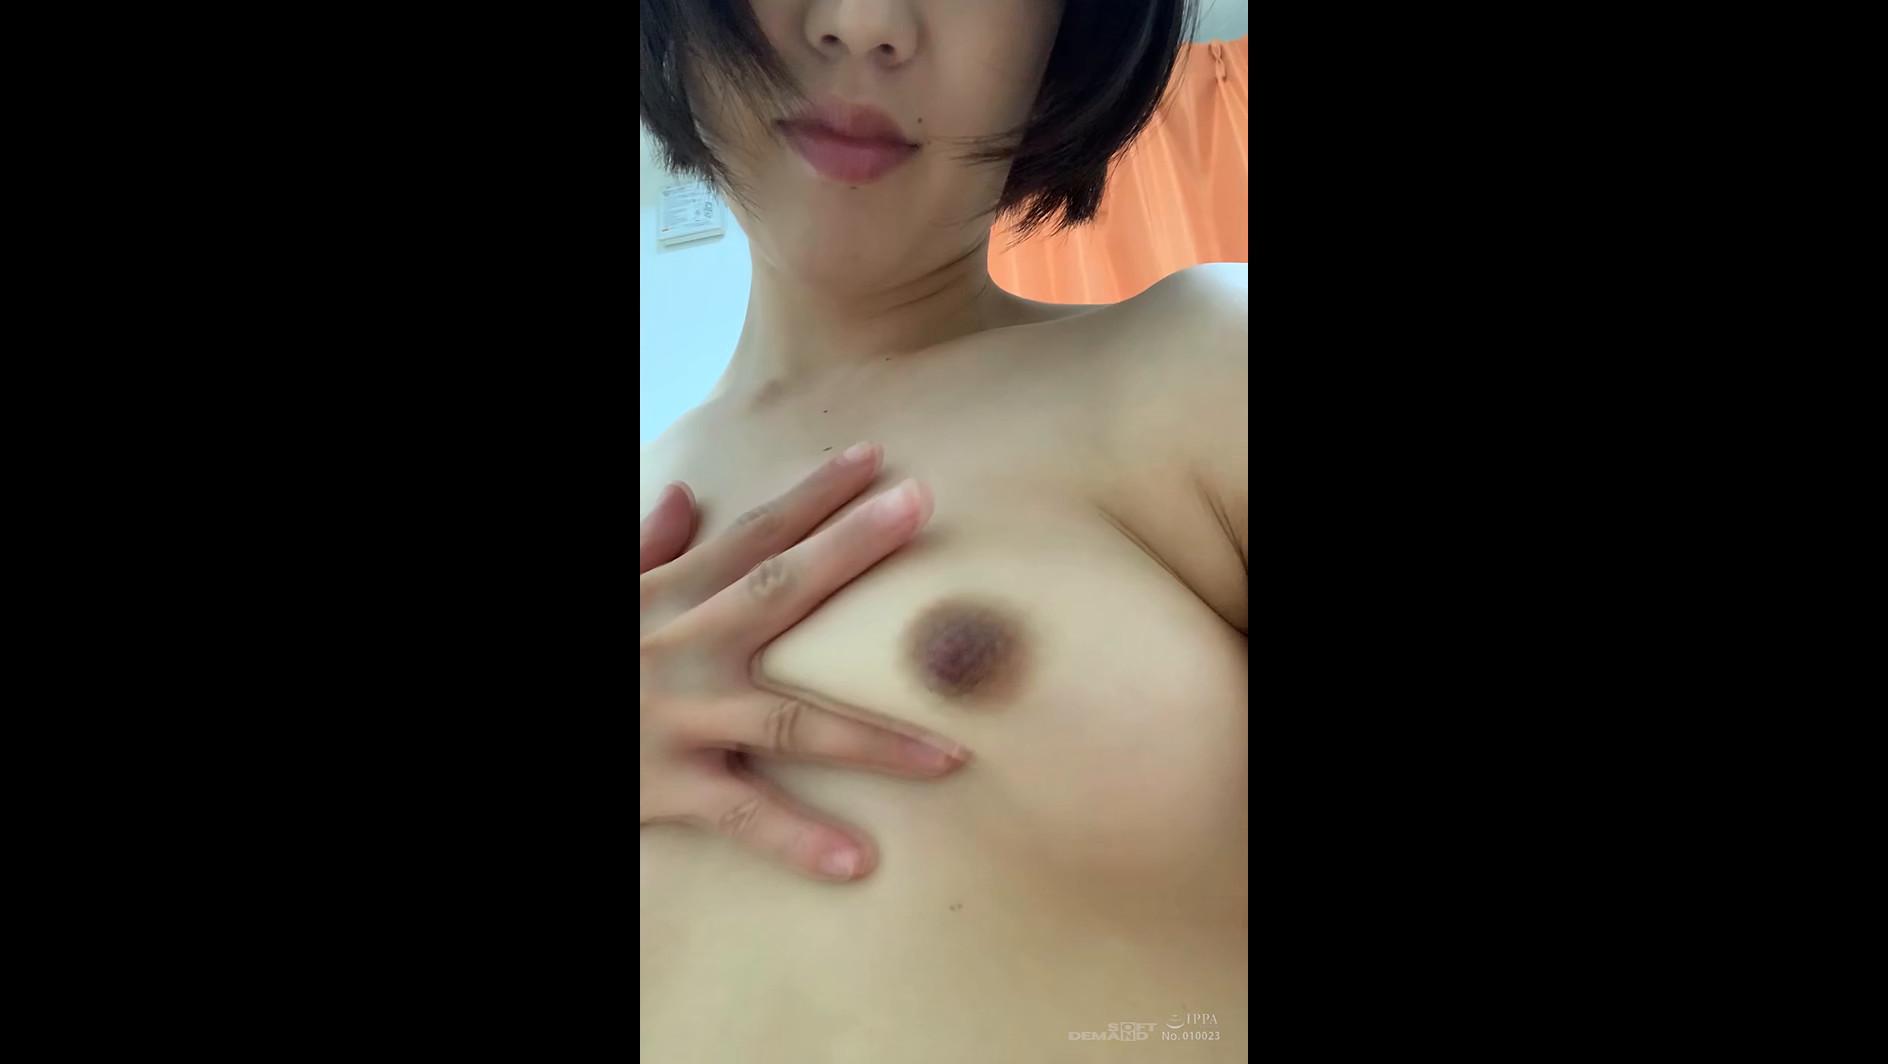 ビデオ通話エッチ JOI ユイ 【縦動画】 画像4